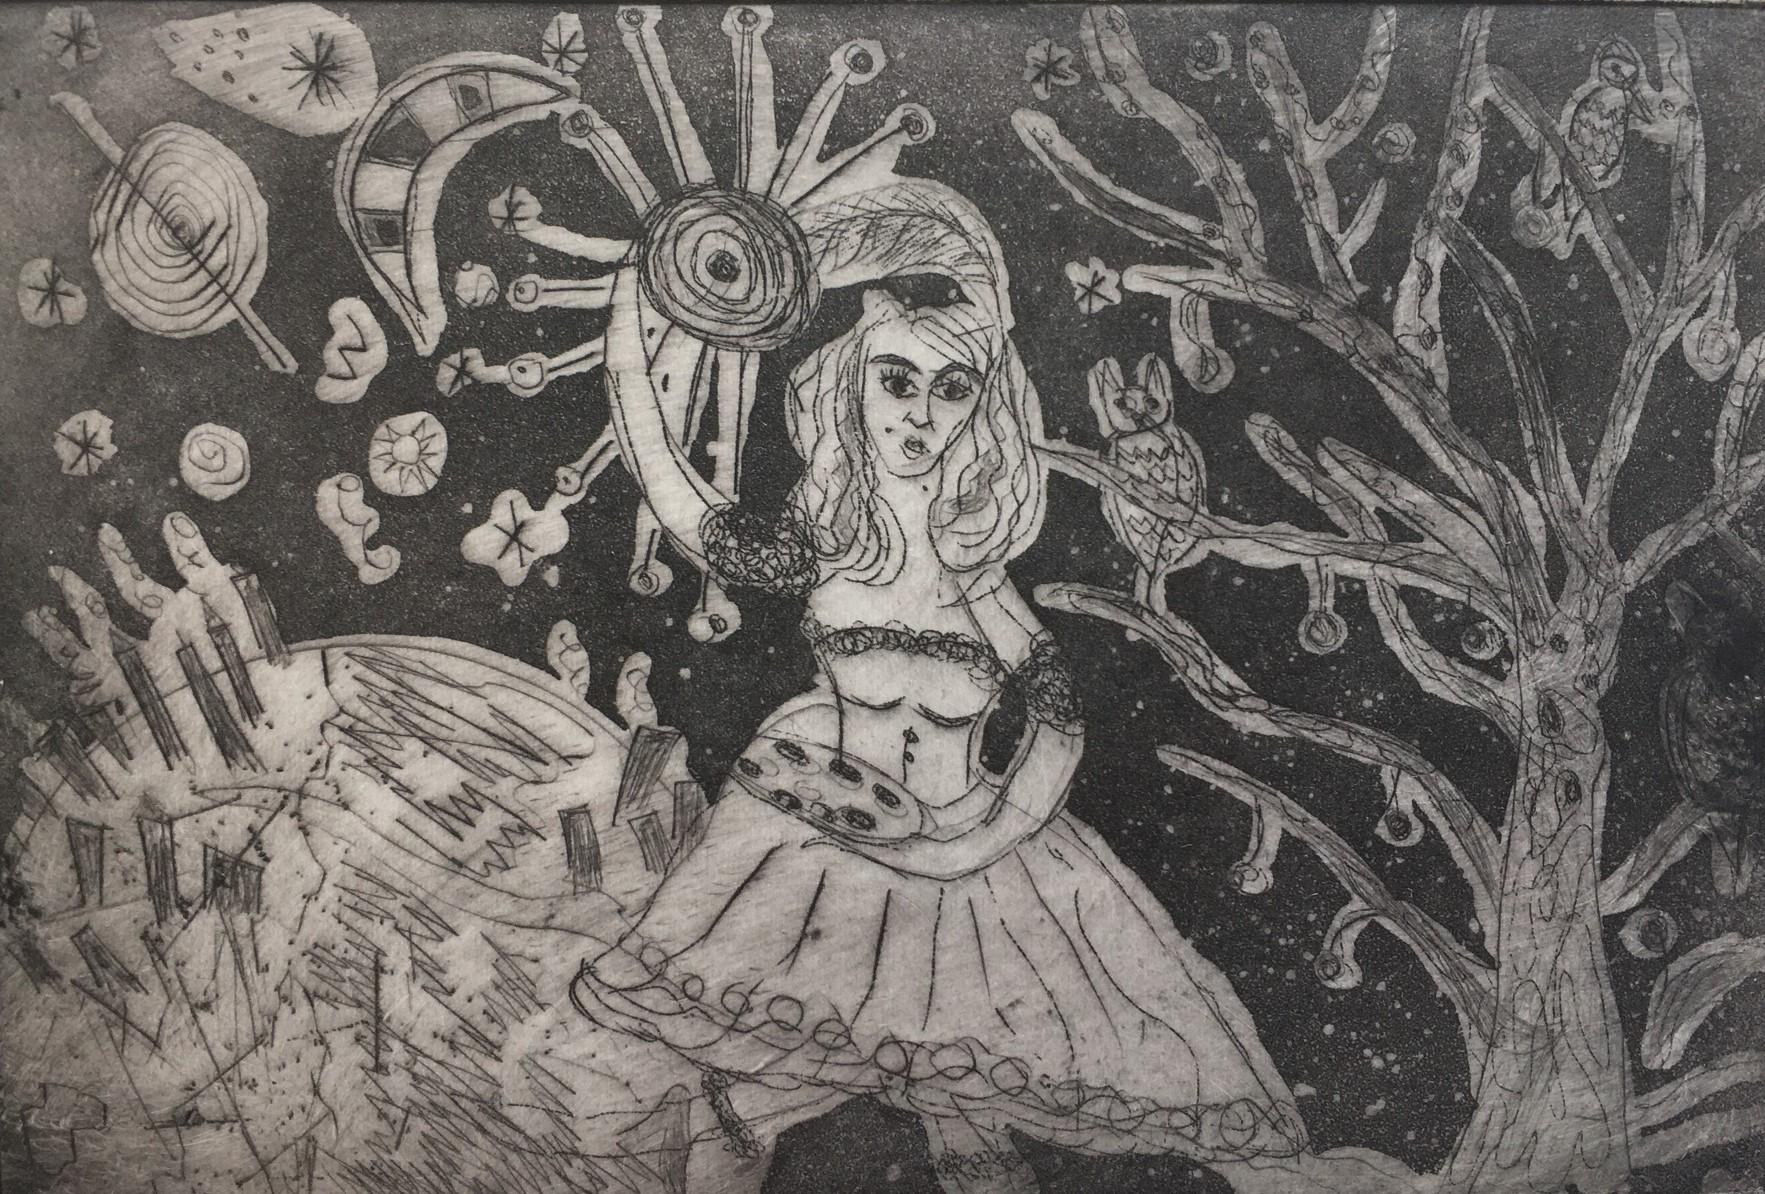 (c) Bianca Scheich, Radierung , 30 x 40 cm, Tinka im Orbit, 2021